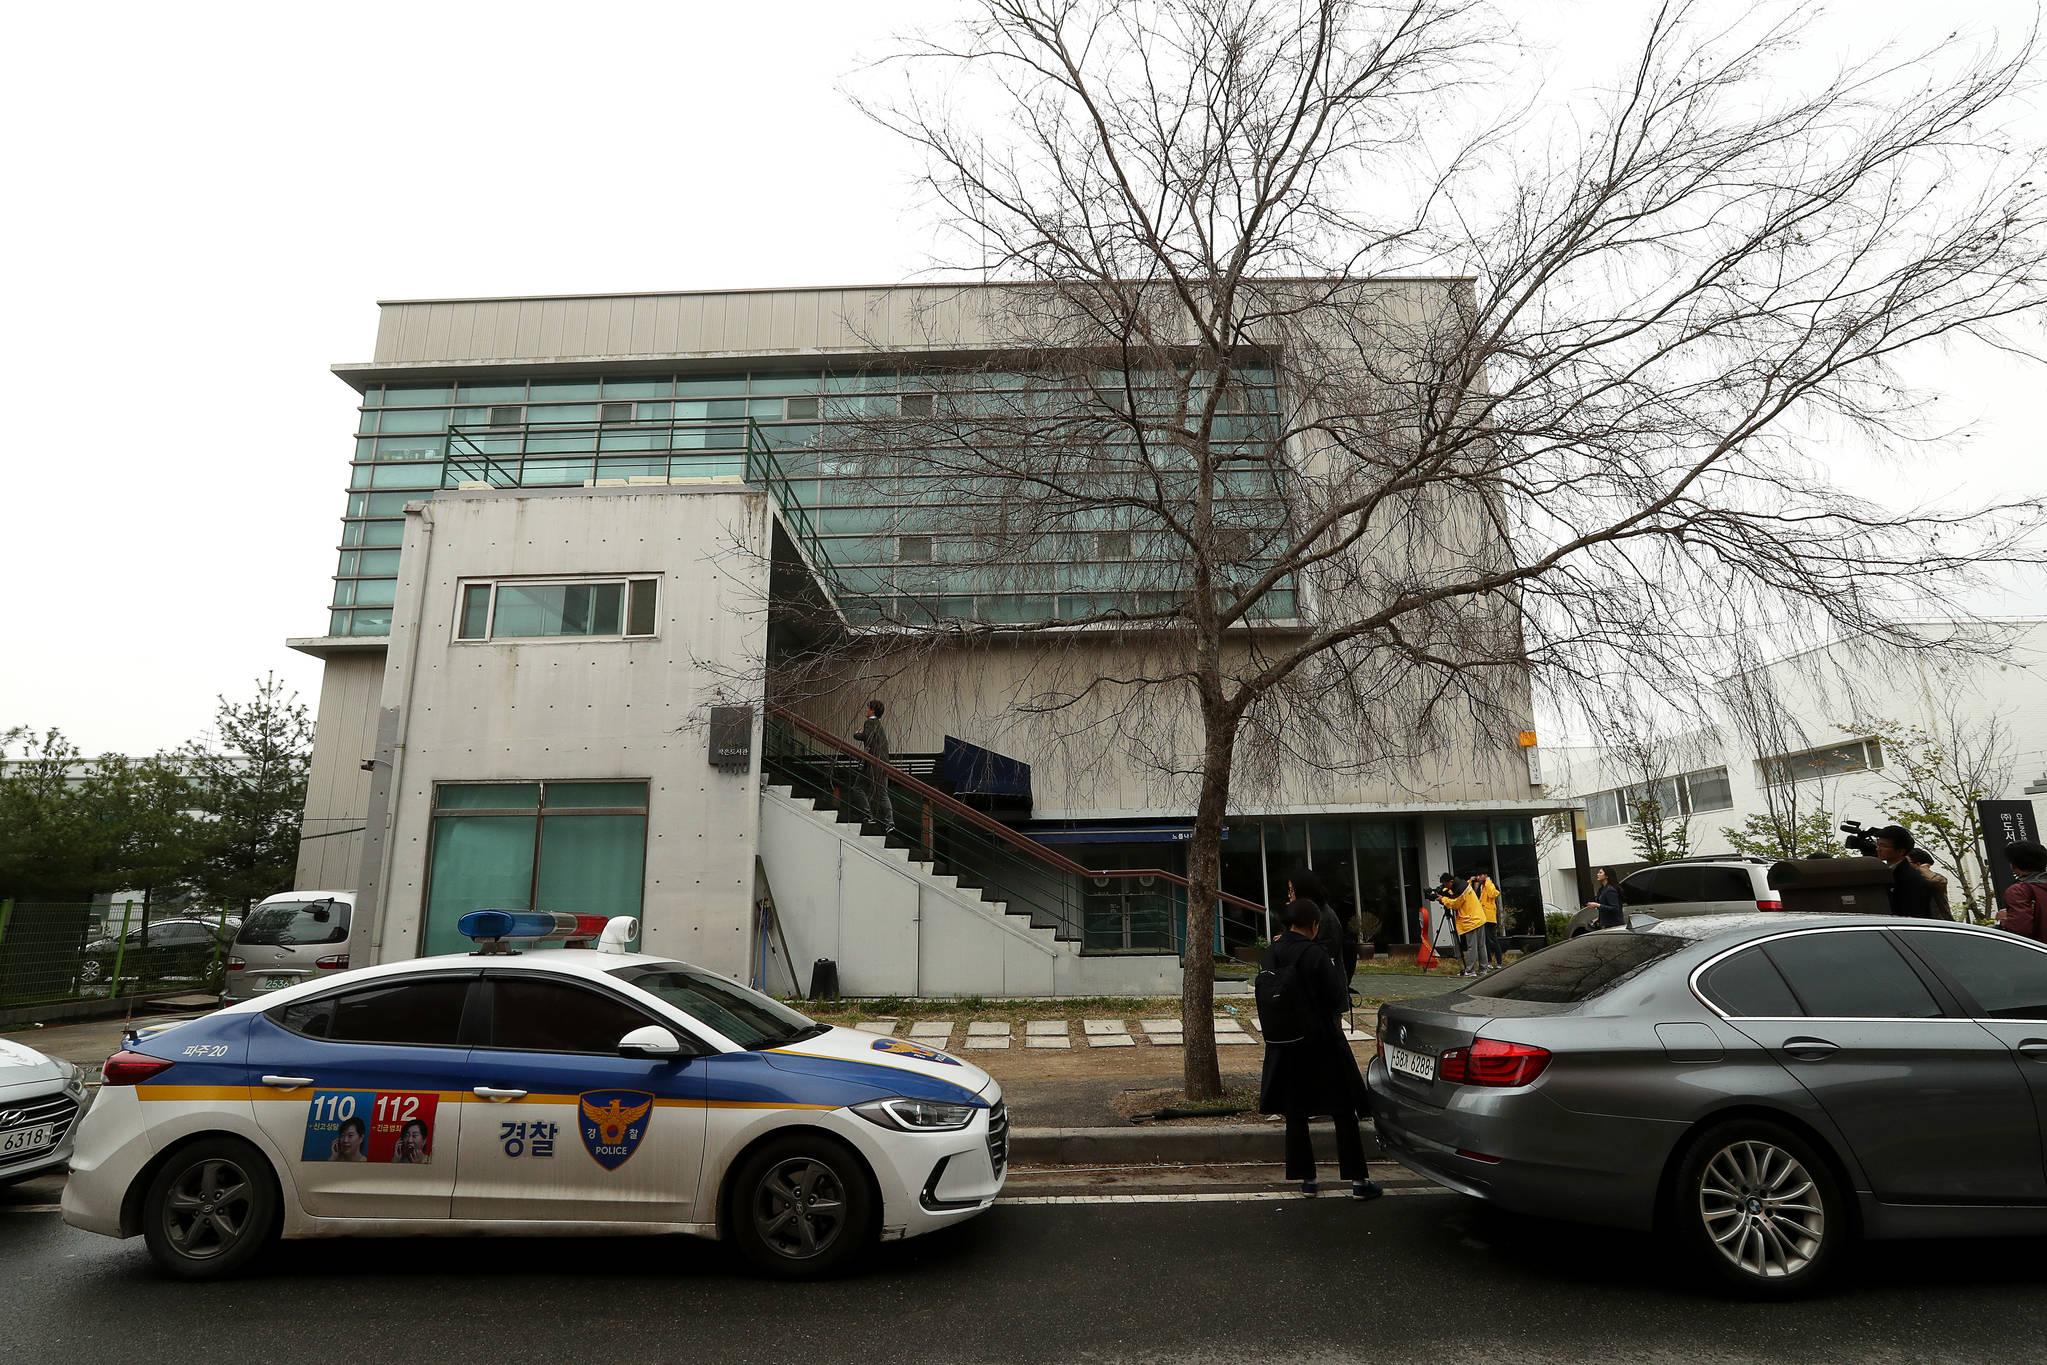 더불어민주당 당원이자 파워블로거 '드루킹' 일당의 댓글조작 사건을 수사하는 경찰은 22일 경기도 파주 느릅나무출판사를 압수수색했다. [중앙포토]